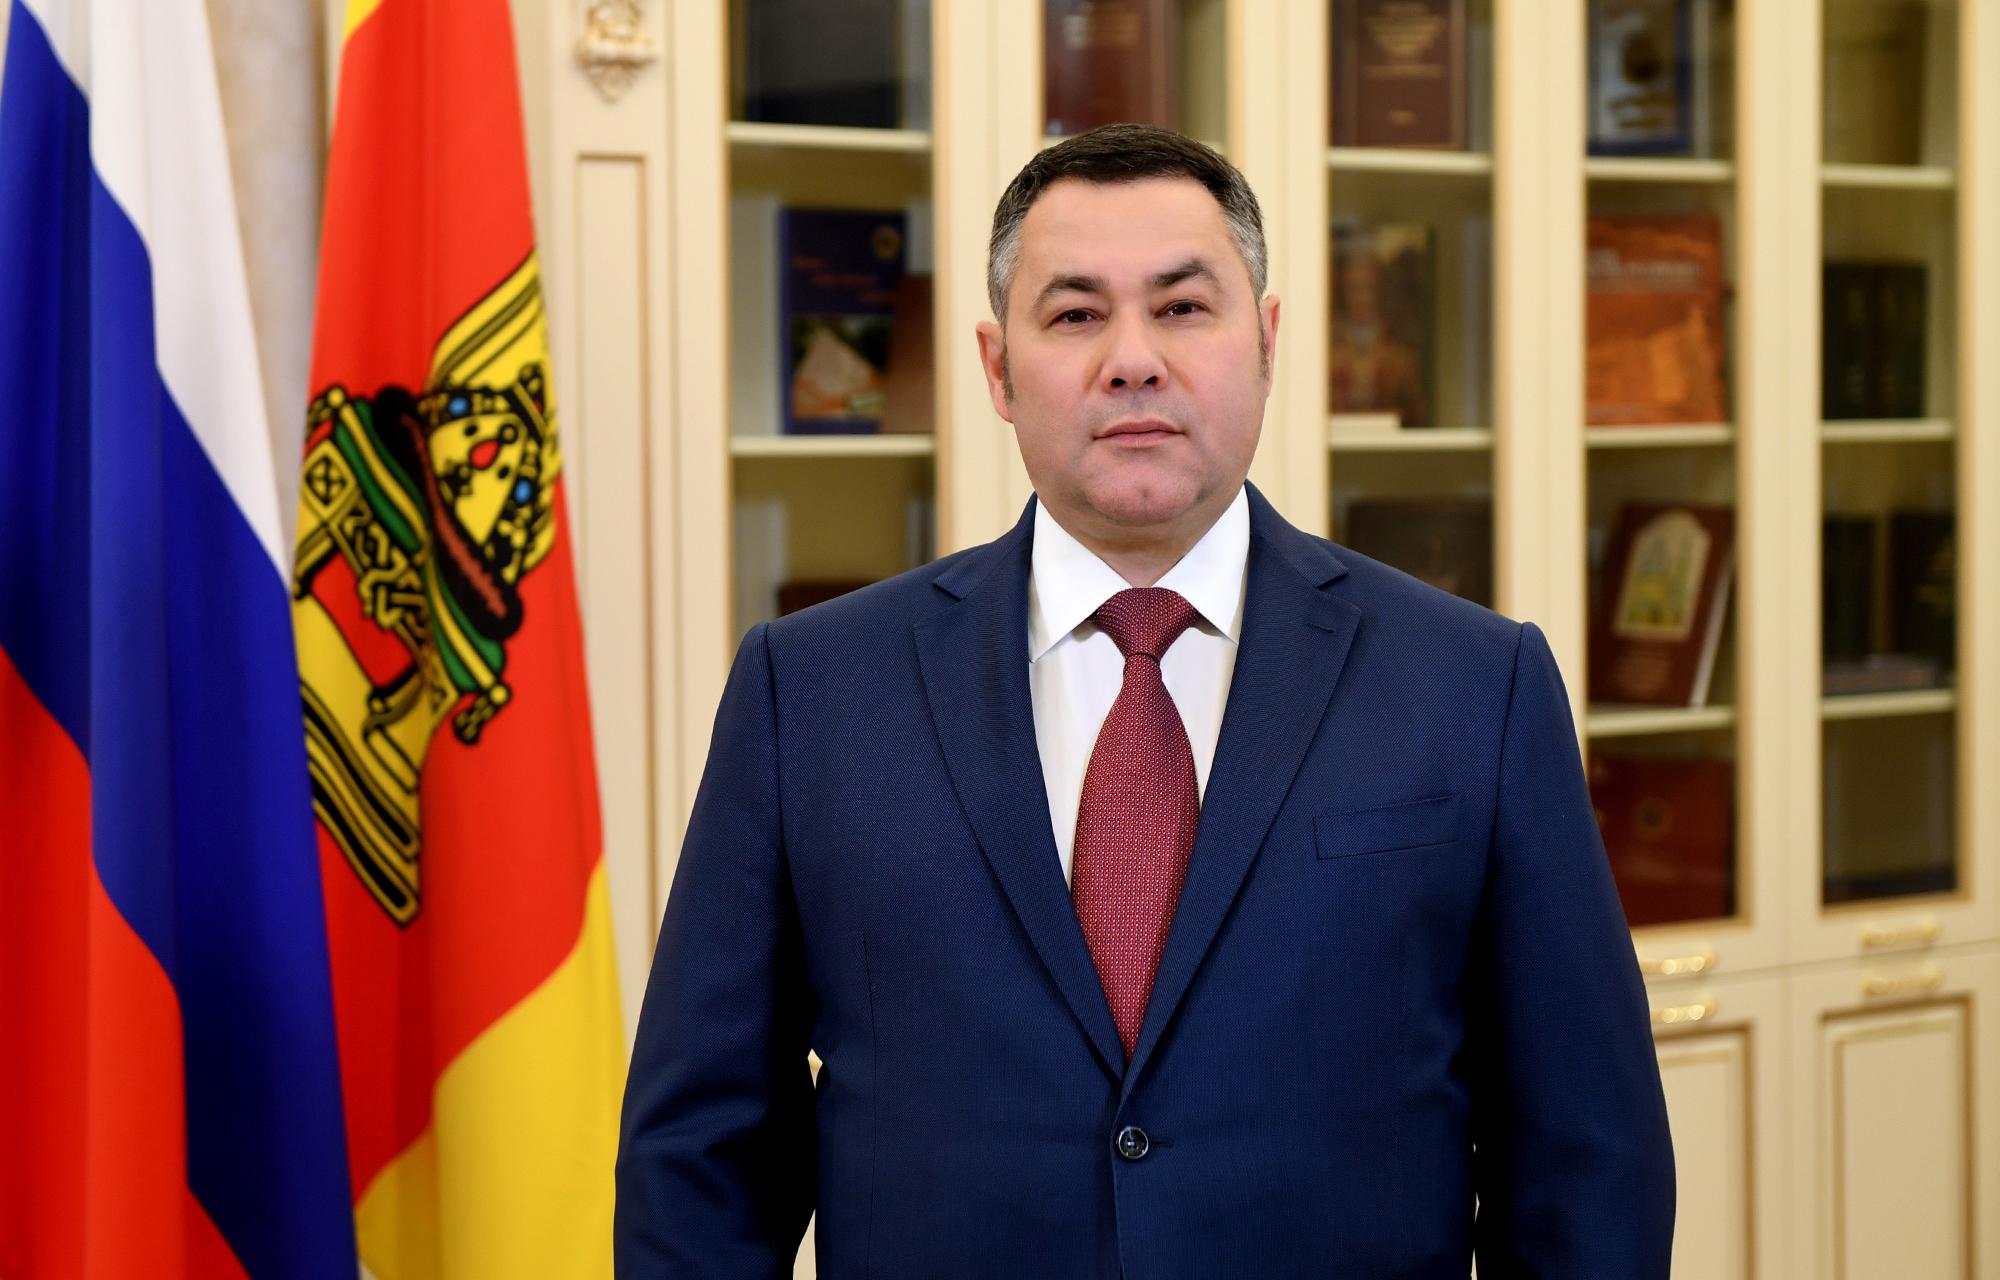 С Днем работника транспорта поздравляет губернатор Игорь Руденя - новости Афанасий